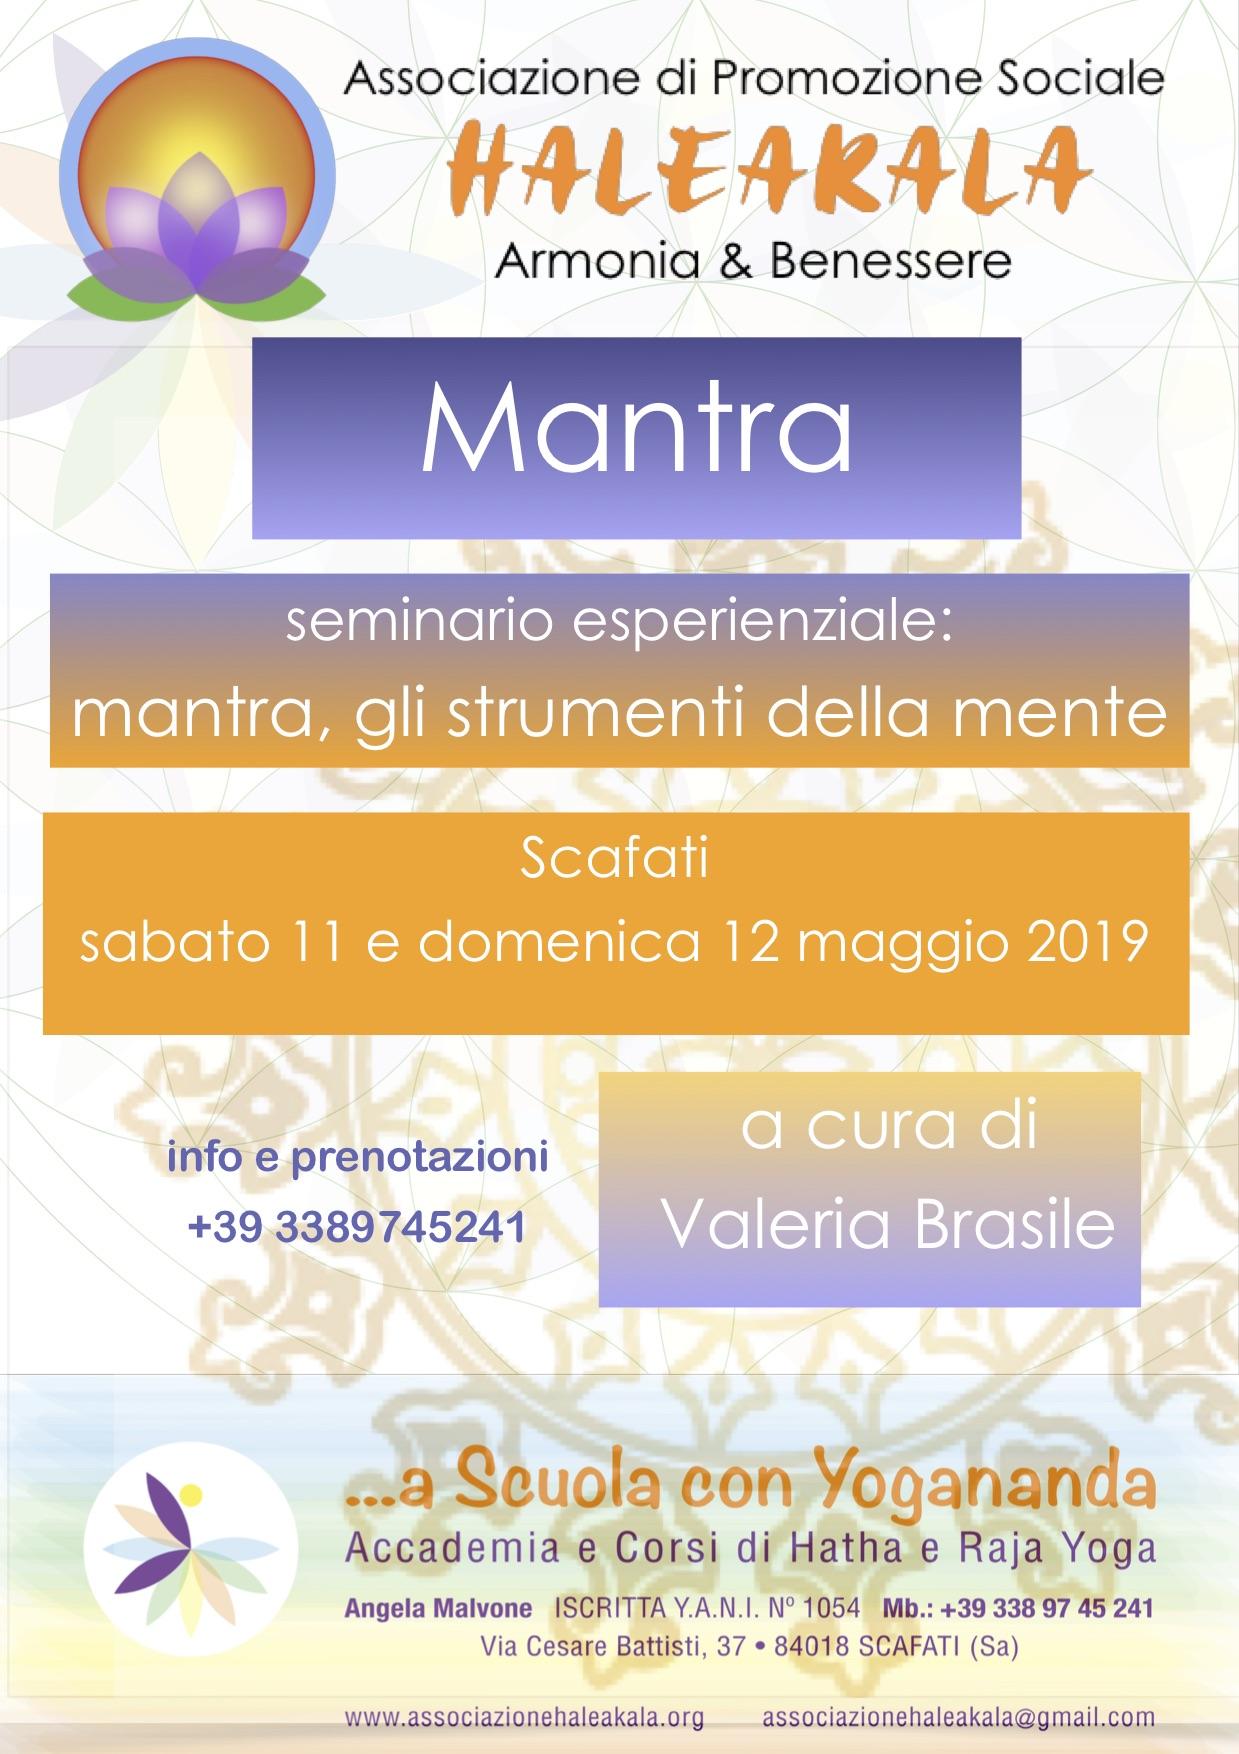 Seminario Mantra Valeria.immagine.jpg